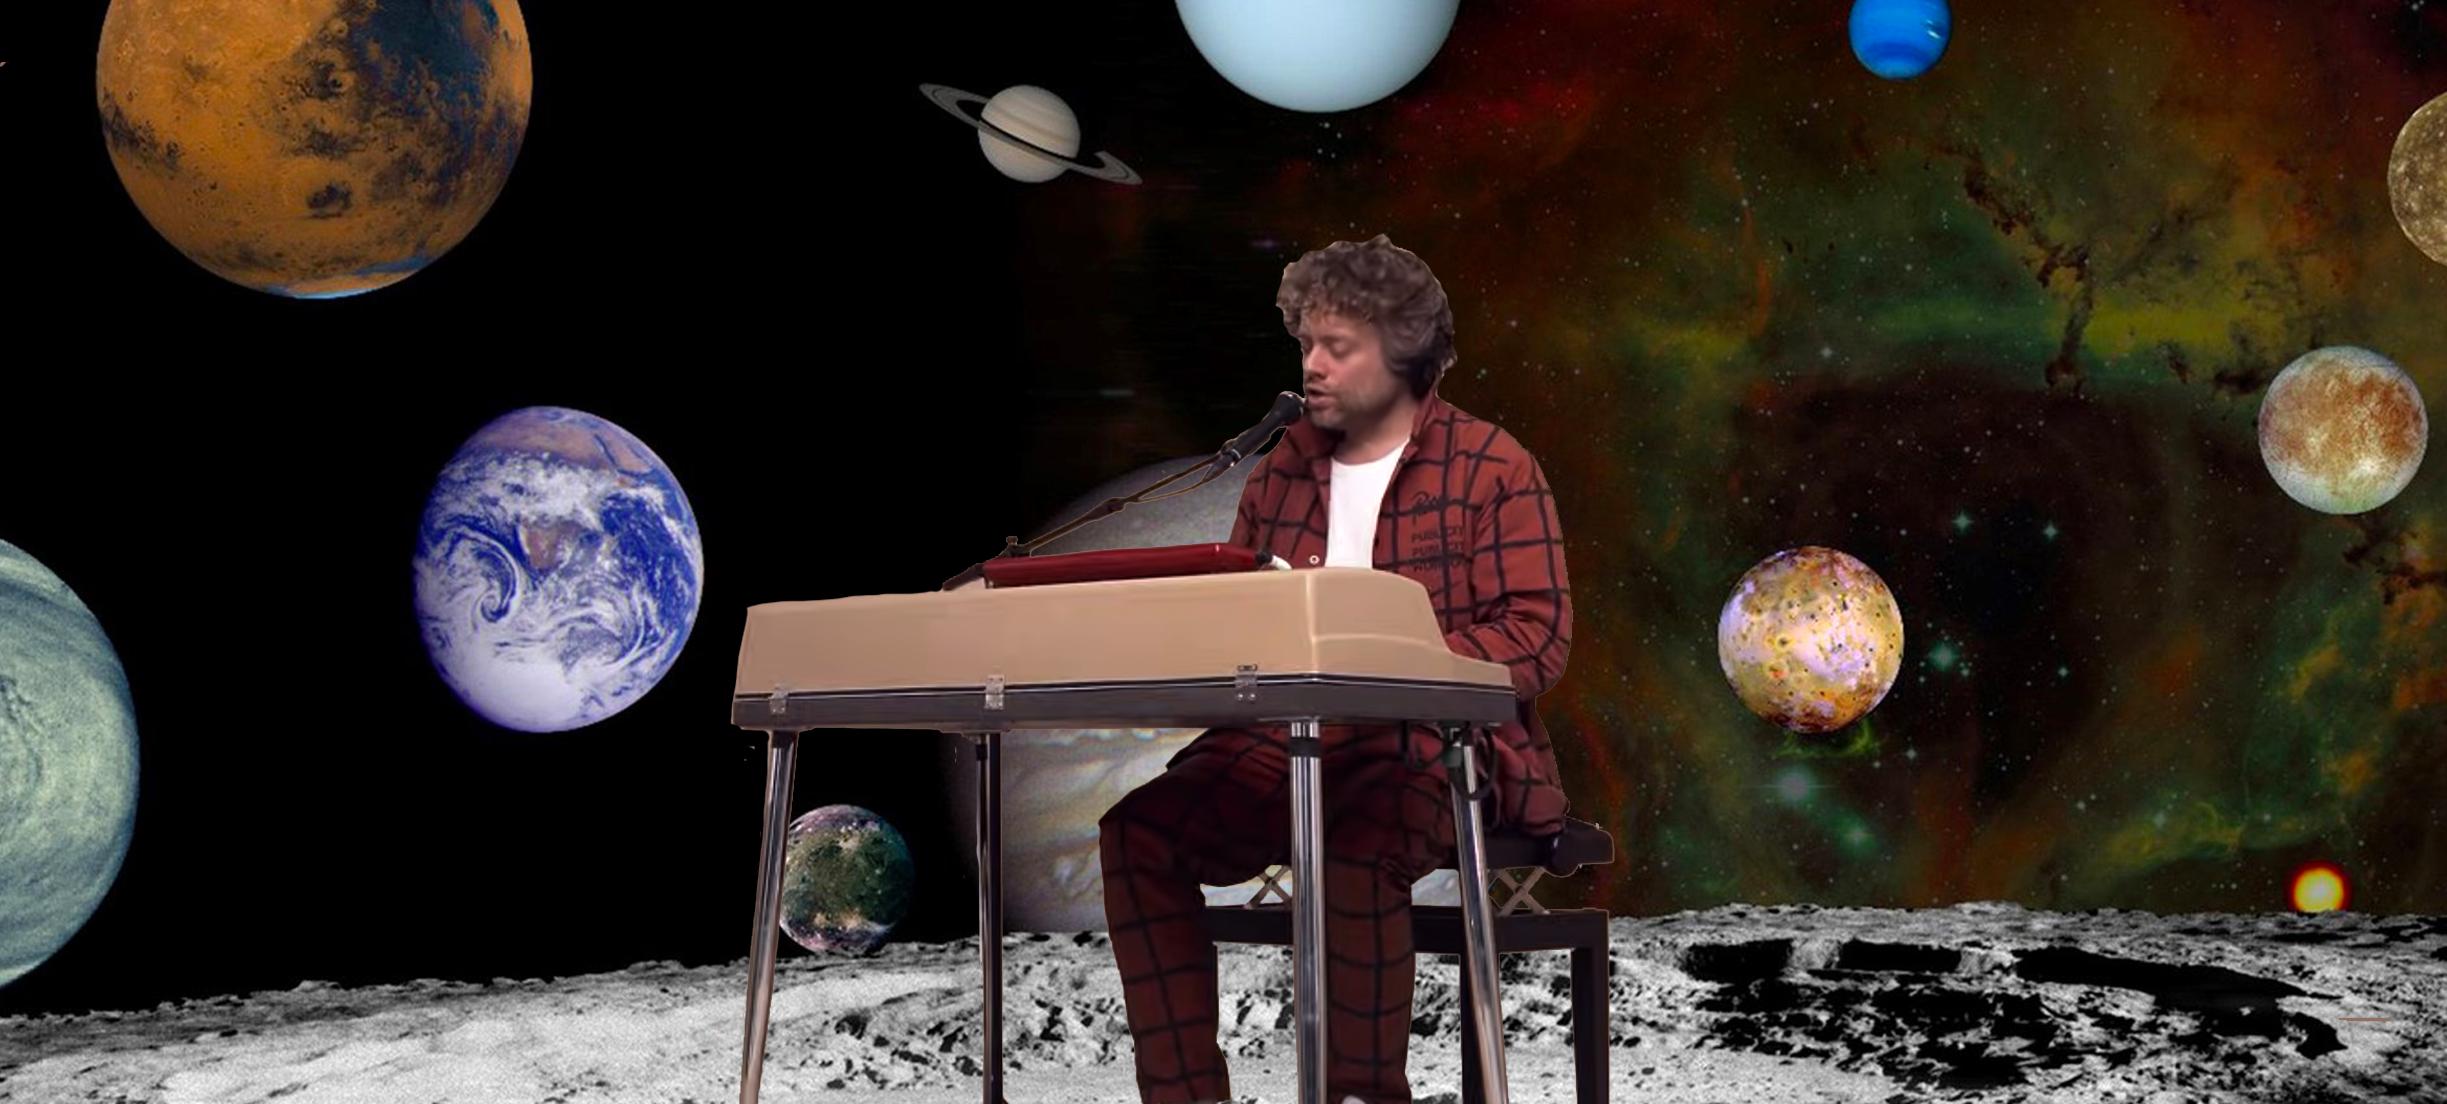 Benny Sings gaat de sterren van de hemel zingen in het Planetarium